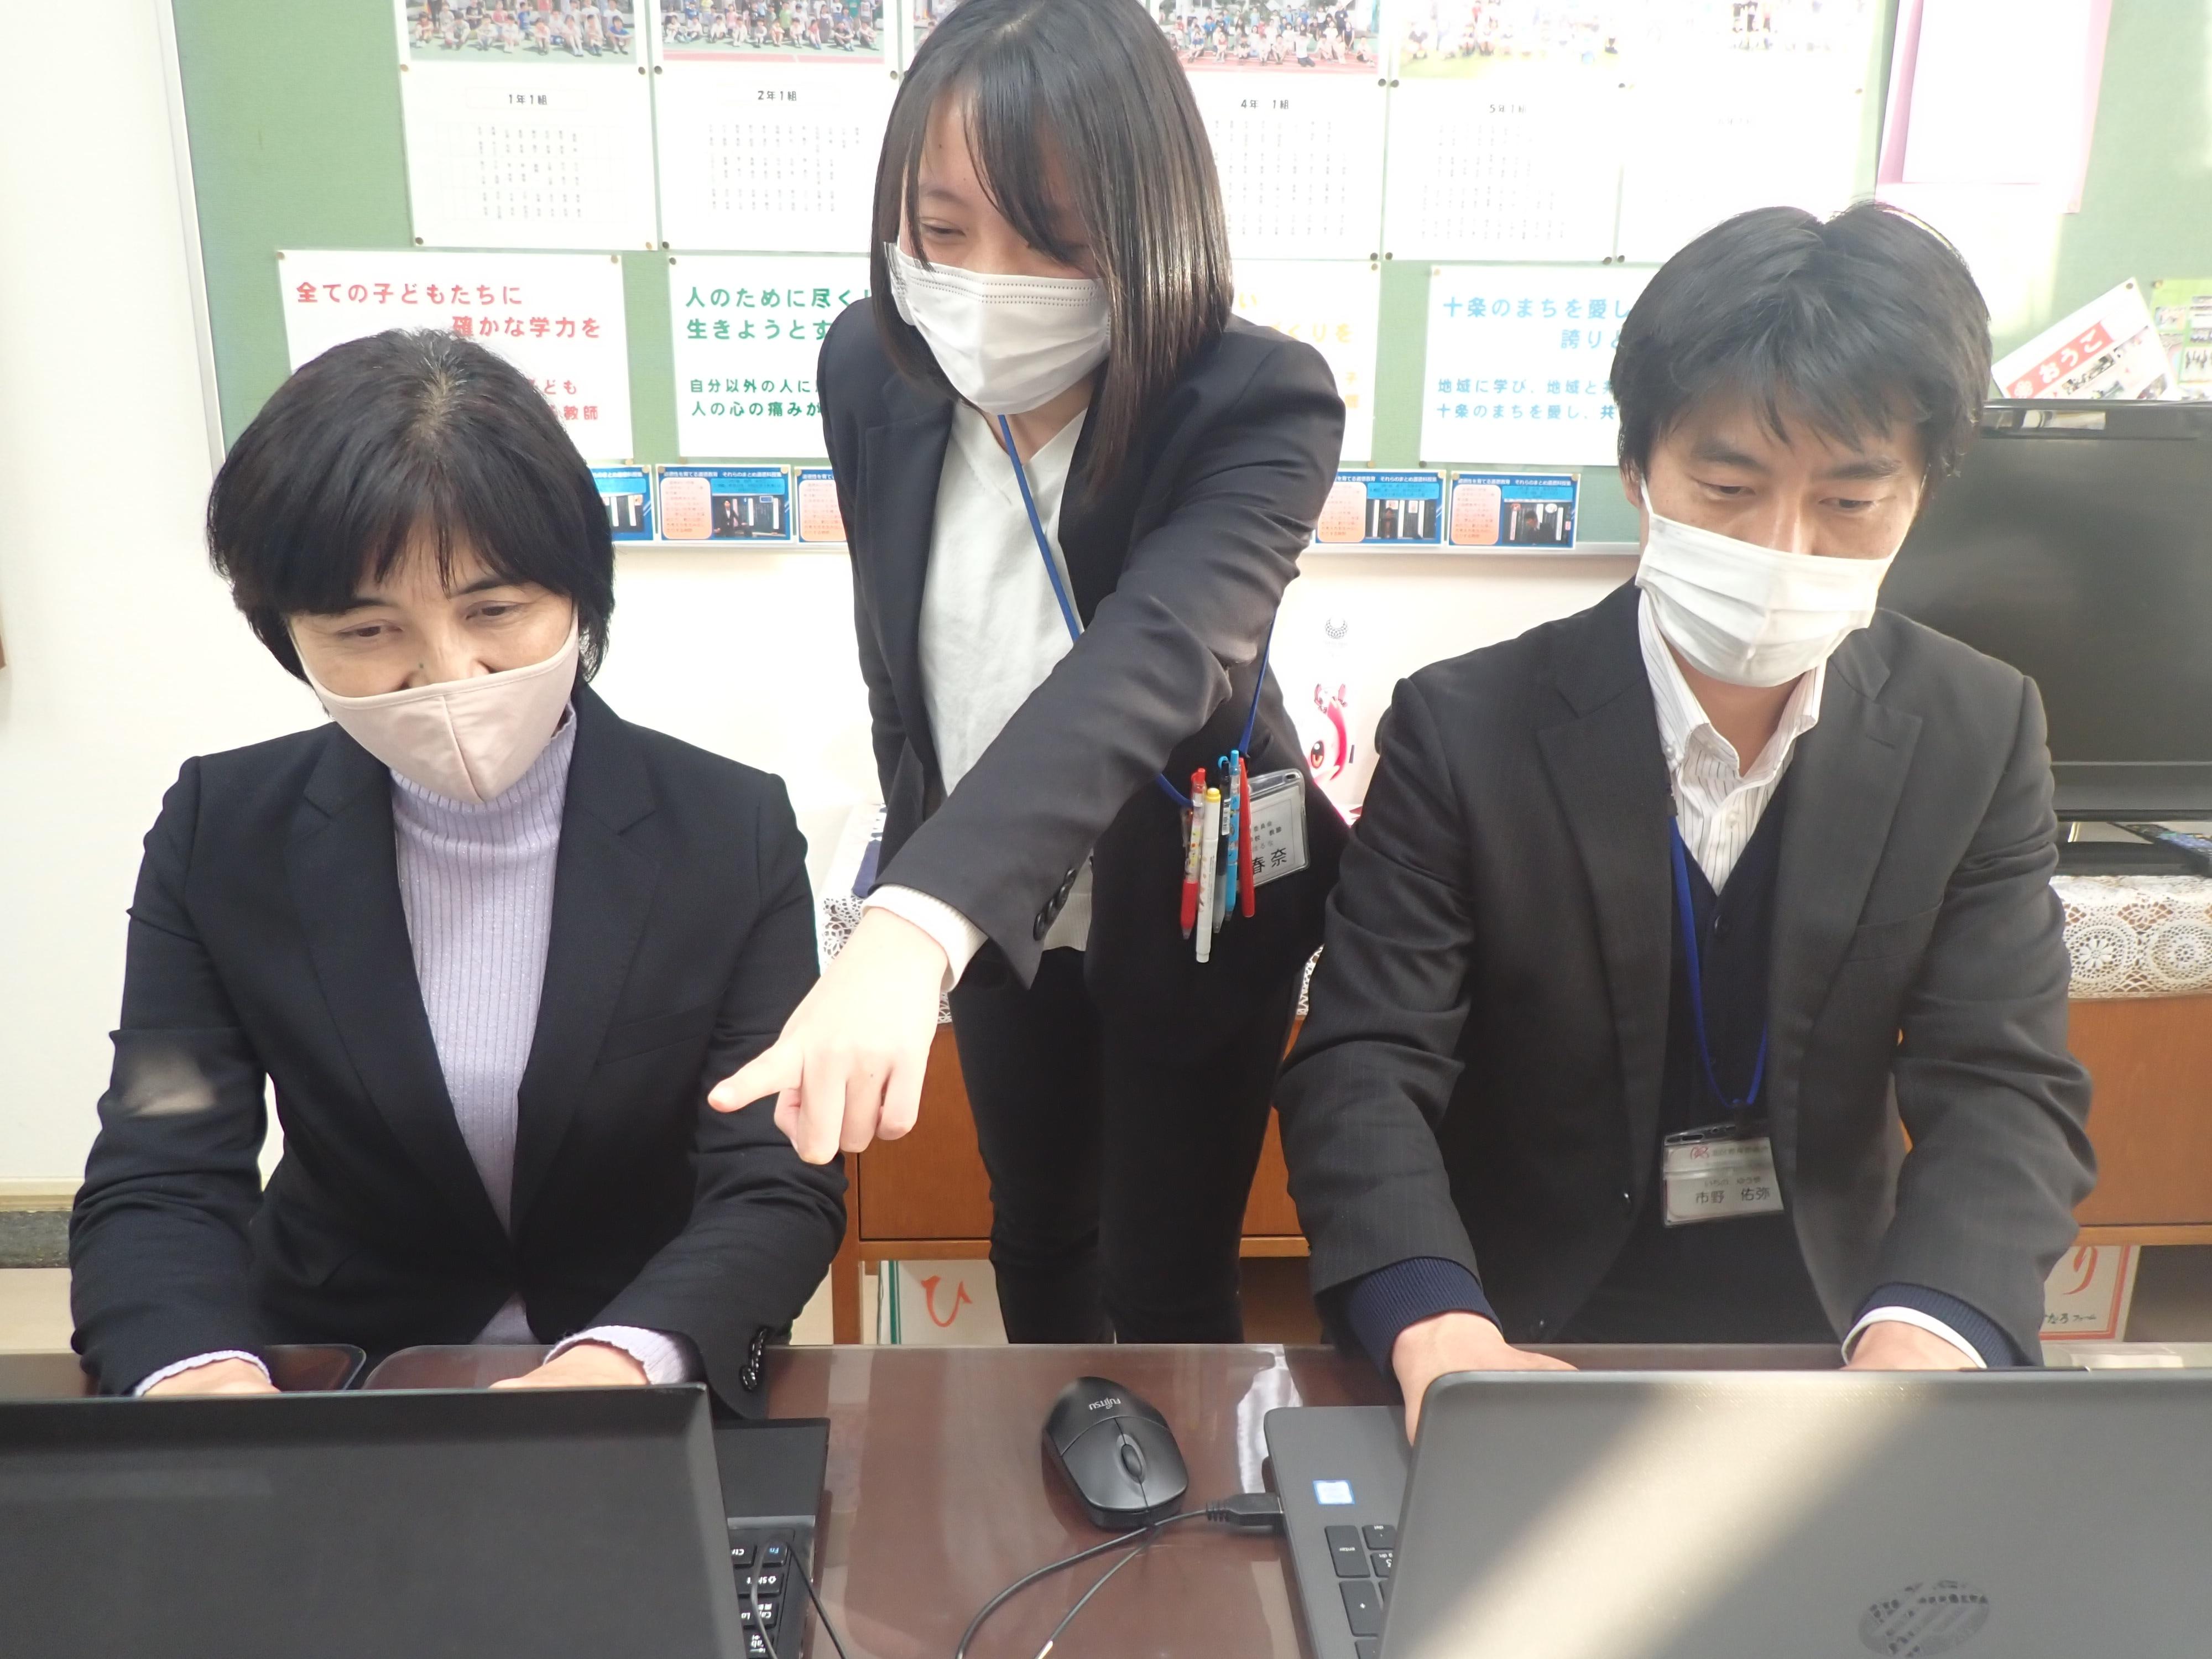 休校 東京 小学校 緊急事態宣言、学校の一斉休校は?大学入試は? 政府が東京などに発令を検討(BuzzFeed